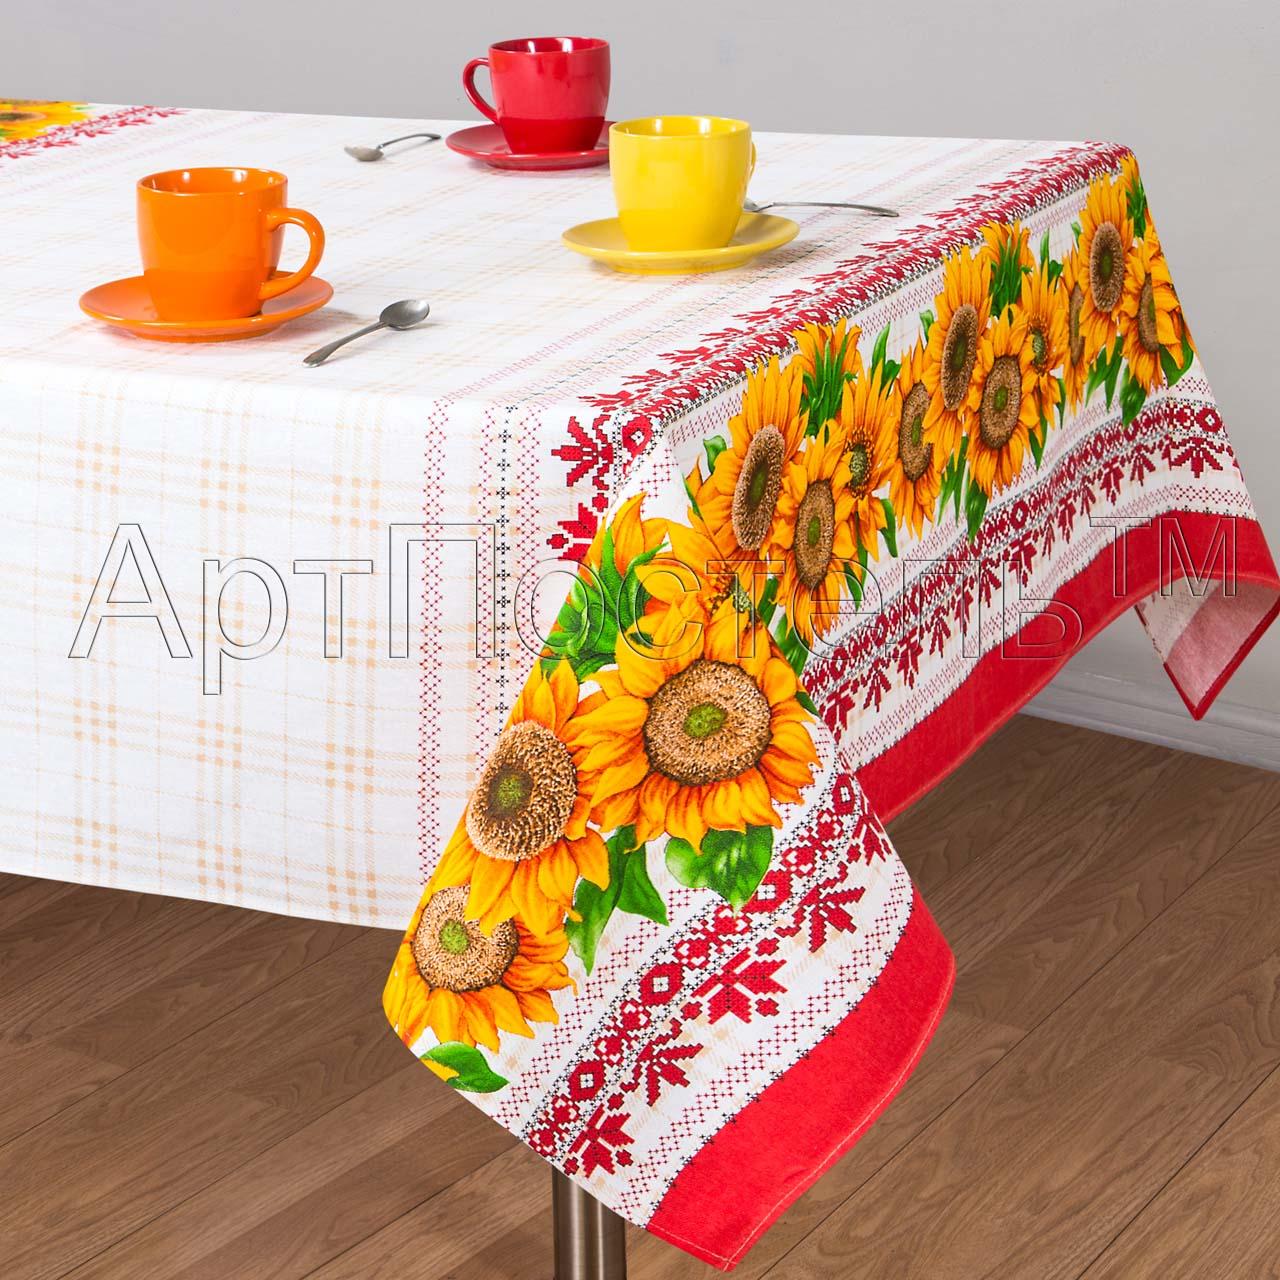 Скатерть  Хуторянка  р. 260х145 - Текстиль для дома артикул: 29805